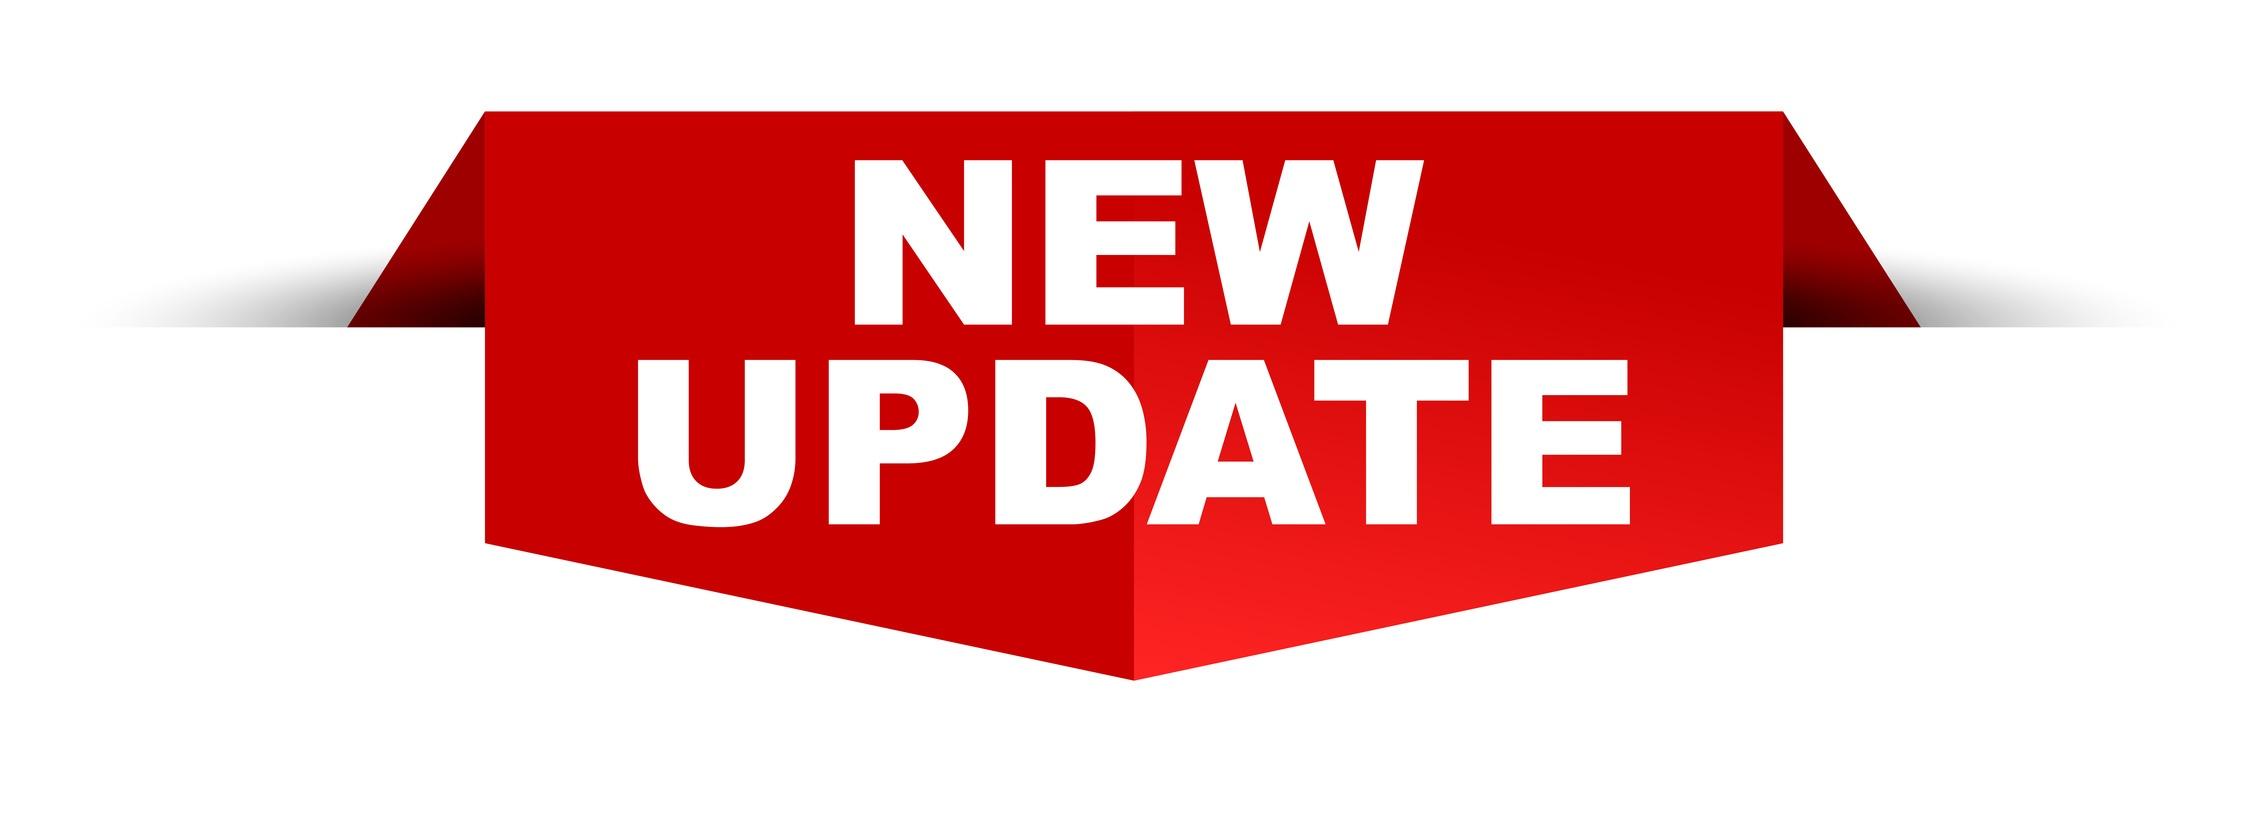 pbcs and epbcs august 2018 updates